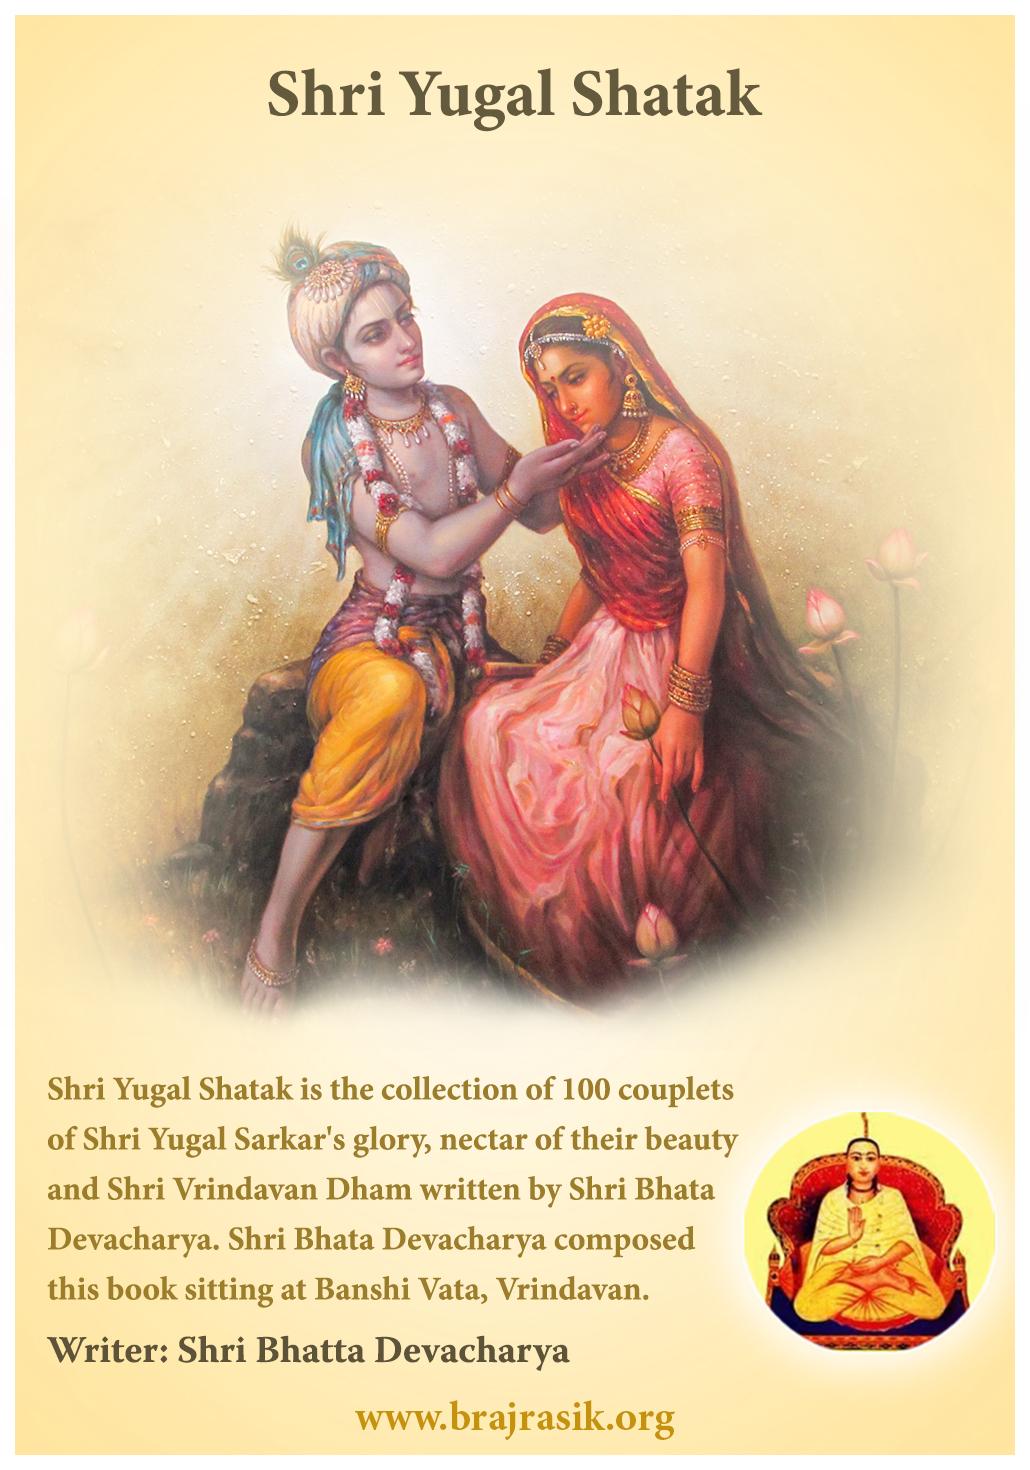 Shri Yugal Shatak - Bhata Devacharya